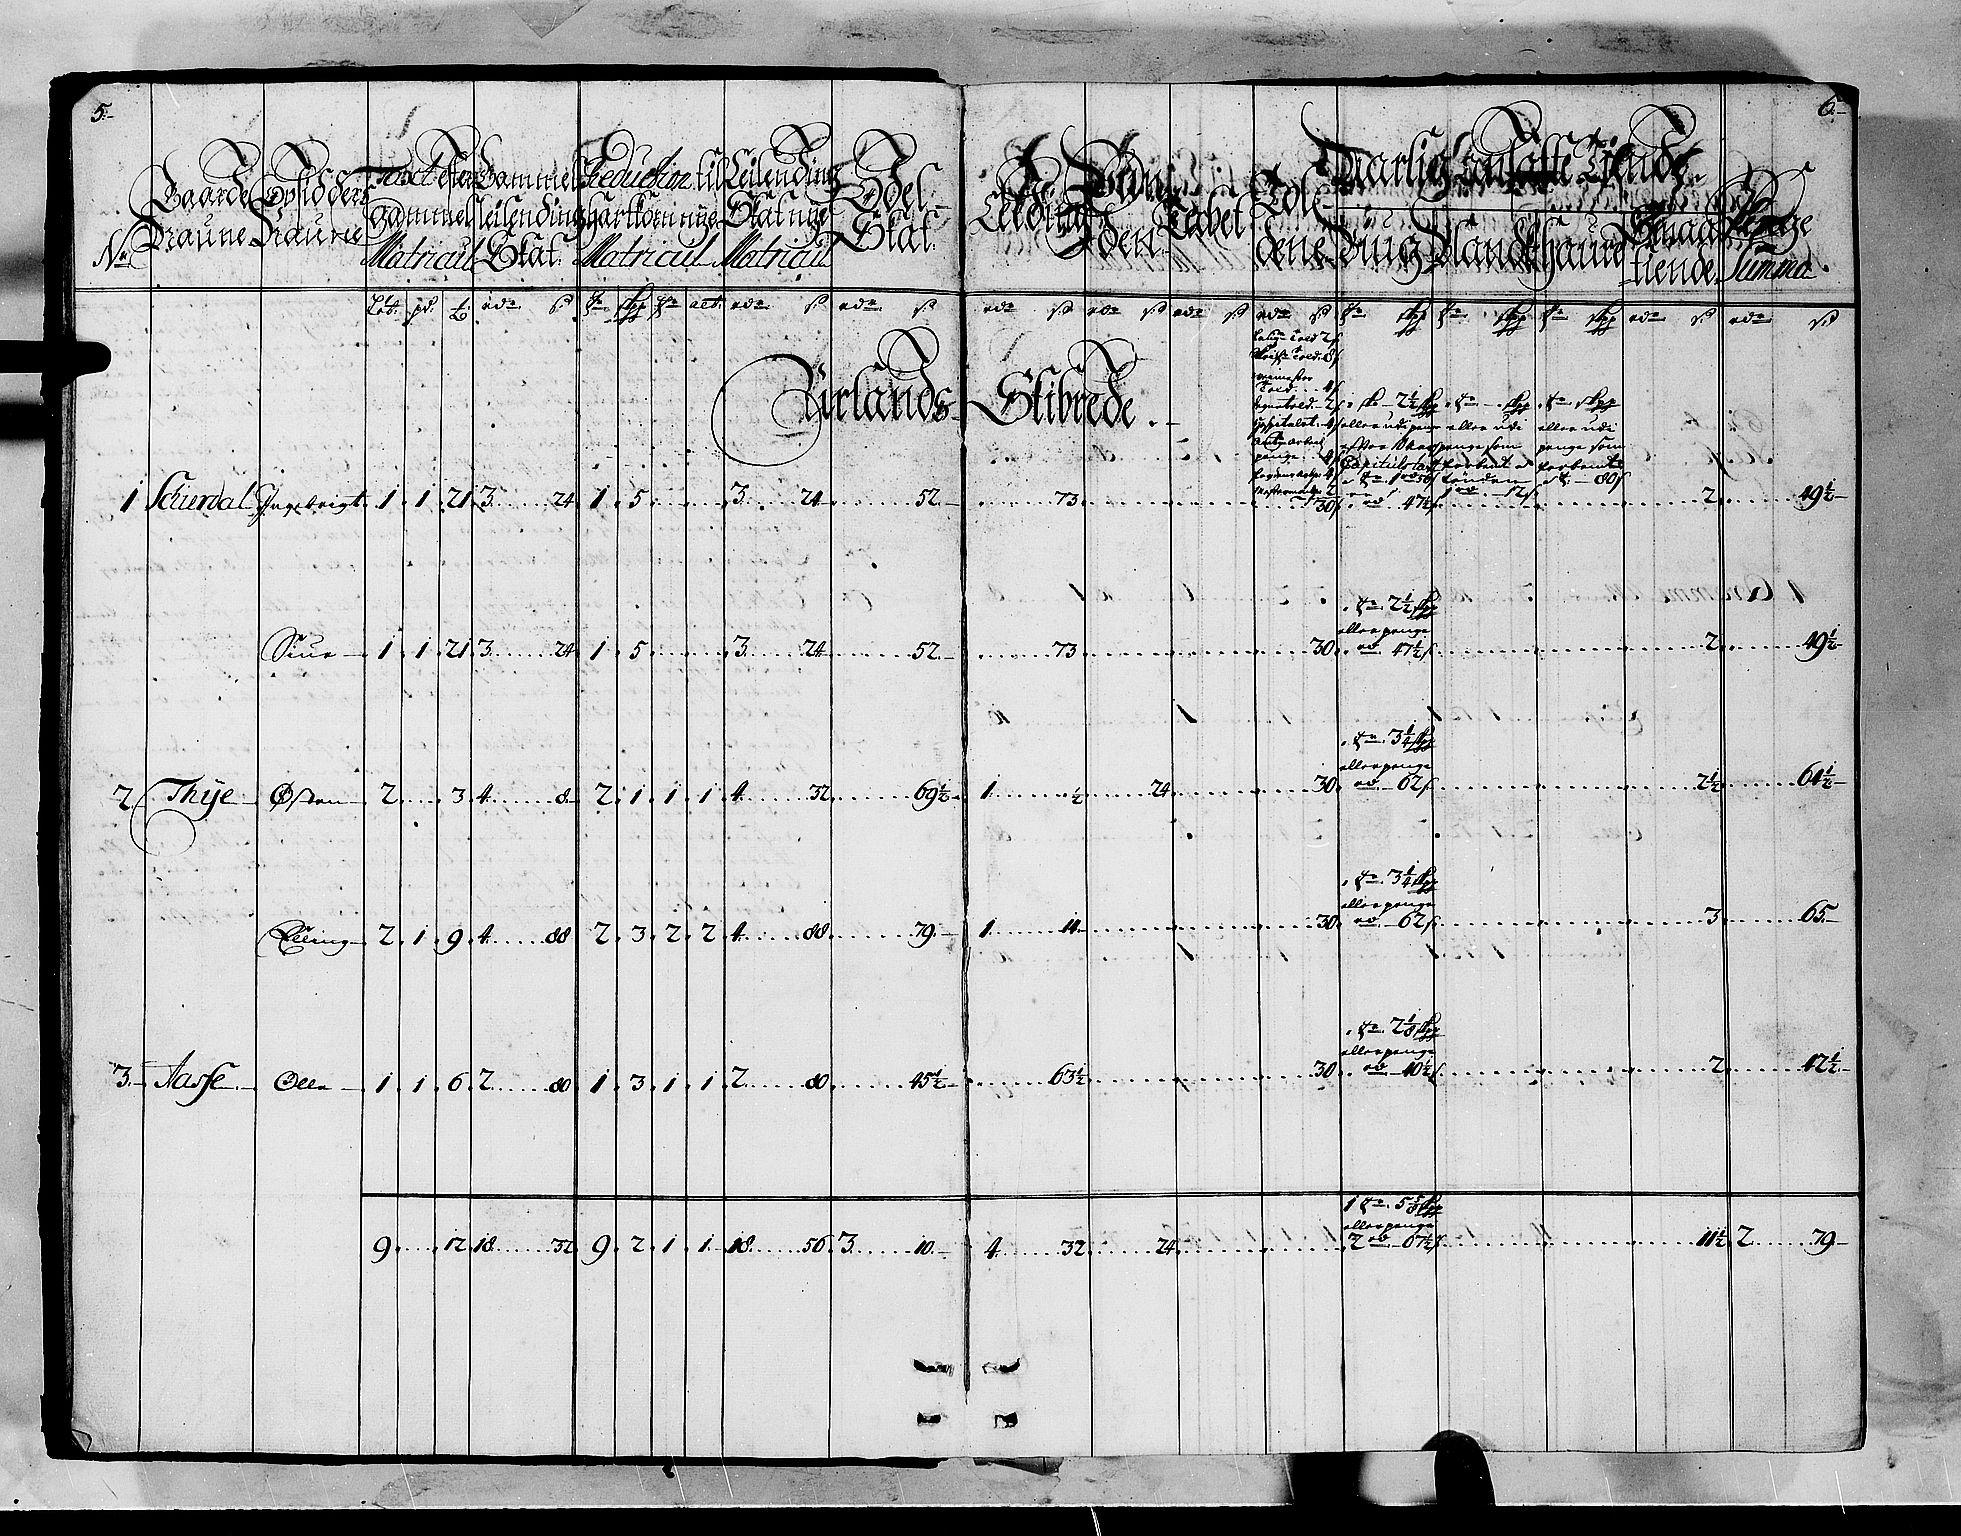 RA, Rentekammeret inntil 1814, Realistisk ordnet avdeling, N/Nb/Nbf/L0145: Ytre Sogn matrikkelprotokoll, 1723, s. 5-6